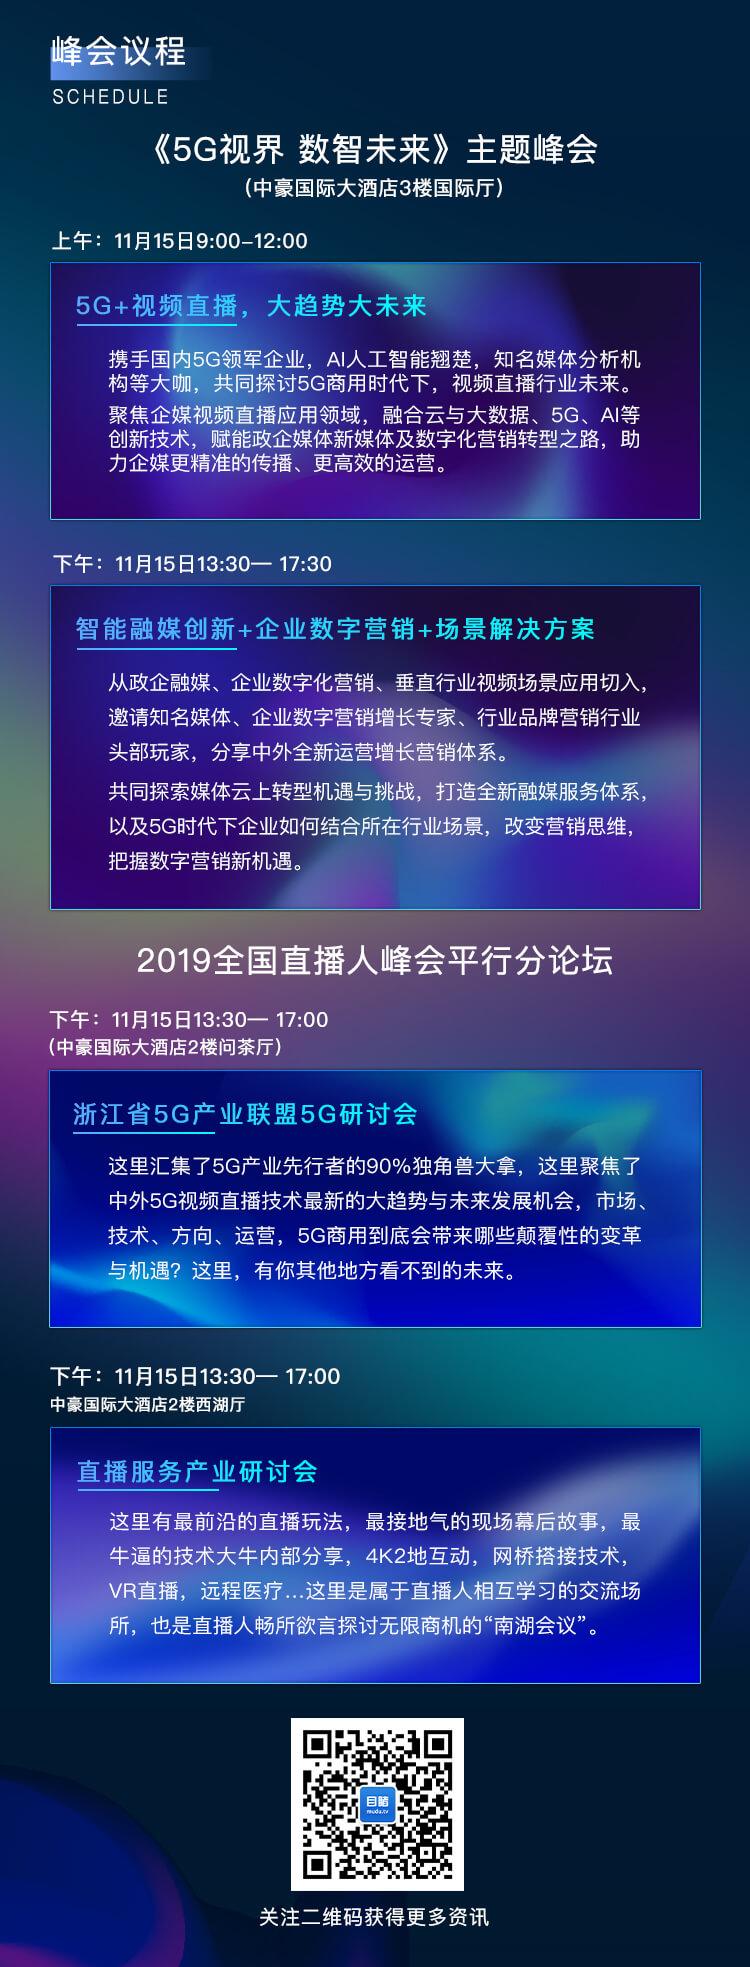 5G視界 數智未來丨2019全國直播人峰會(杭州)